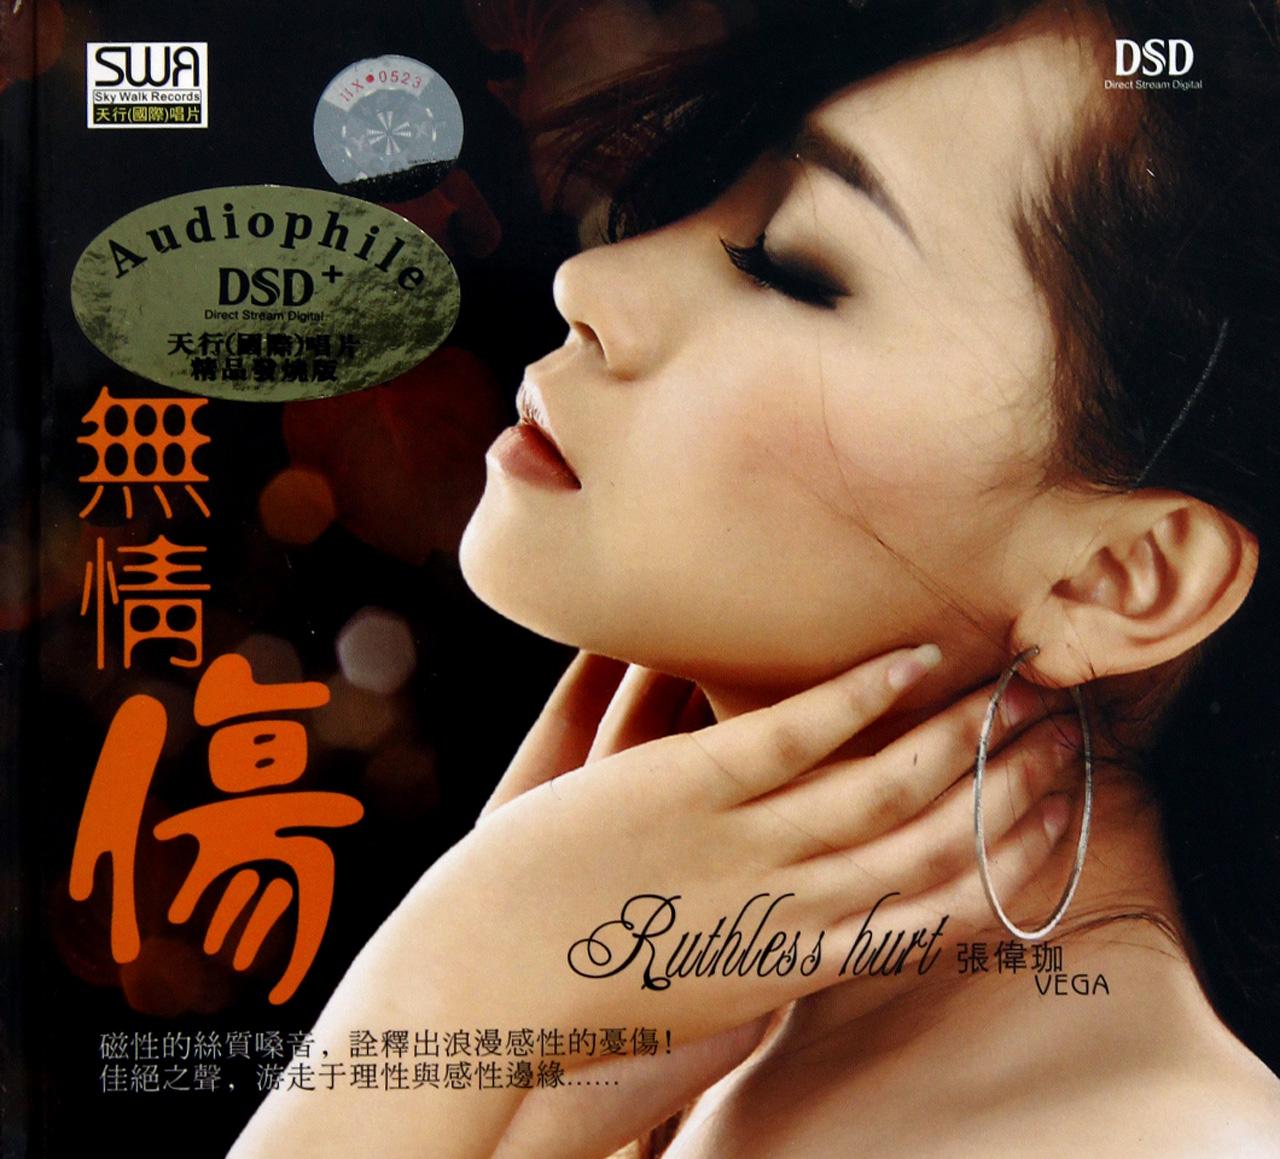 张玮伽 - 女人如烟